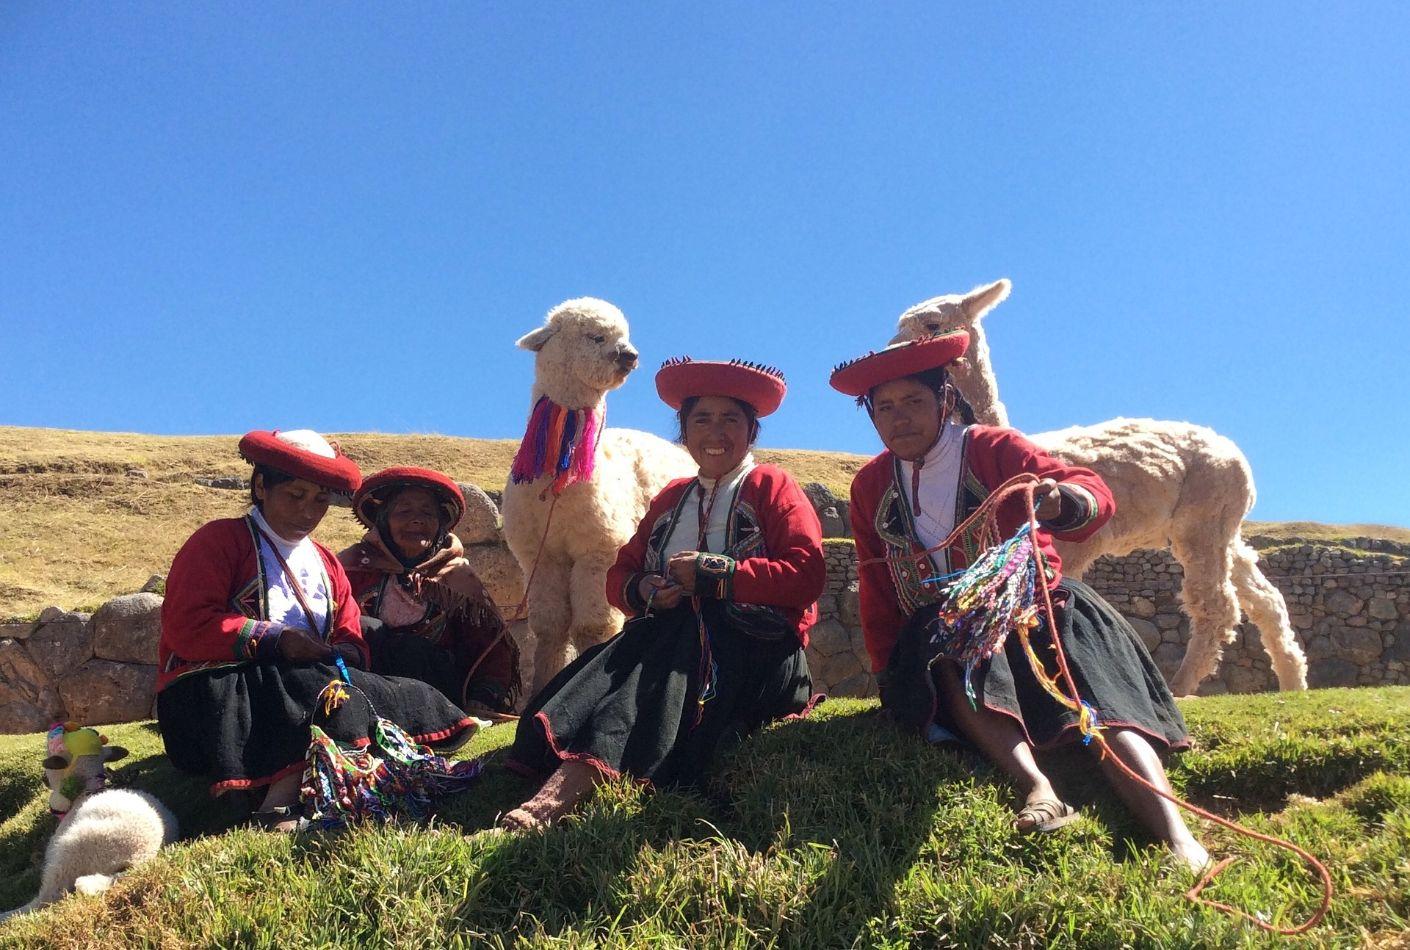 Mujeres con ropa tradicional junto a llamas